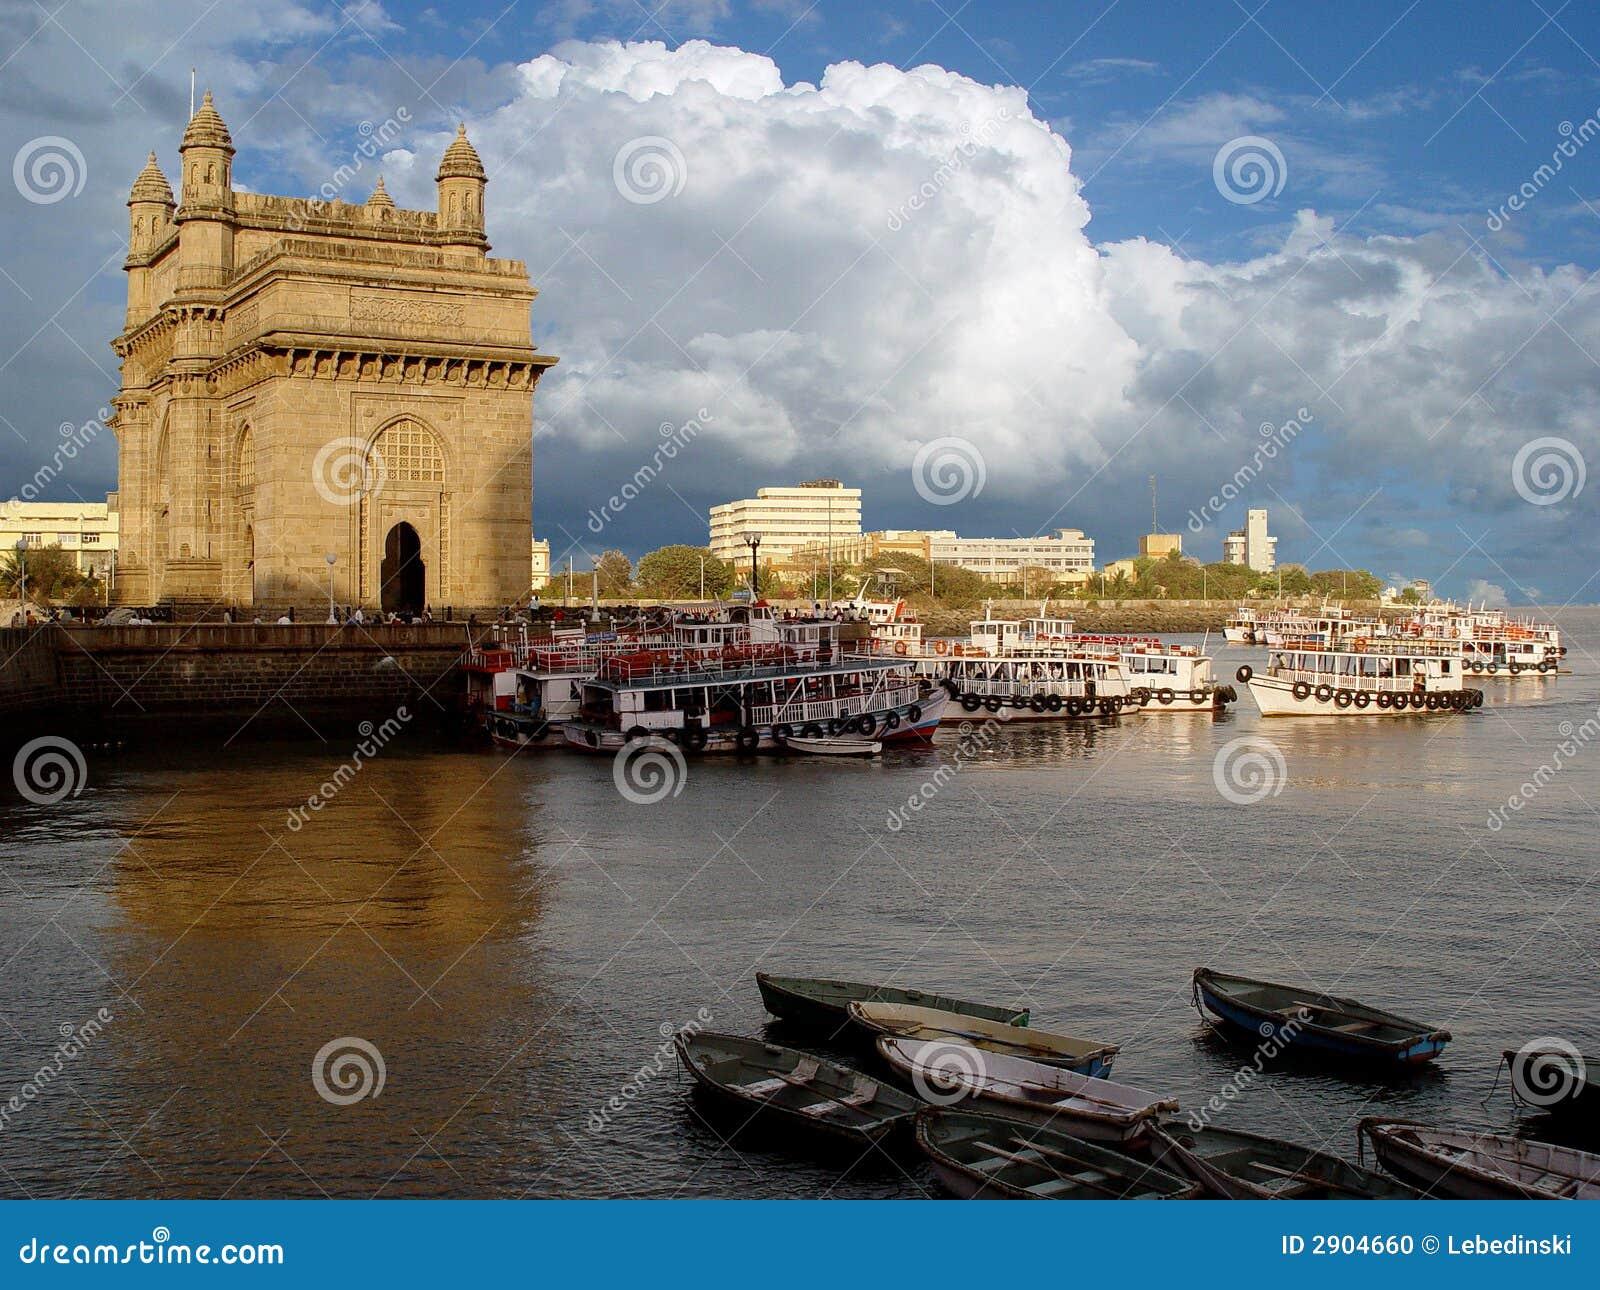 Gate of India Mumbai(Bombay)